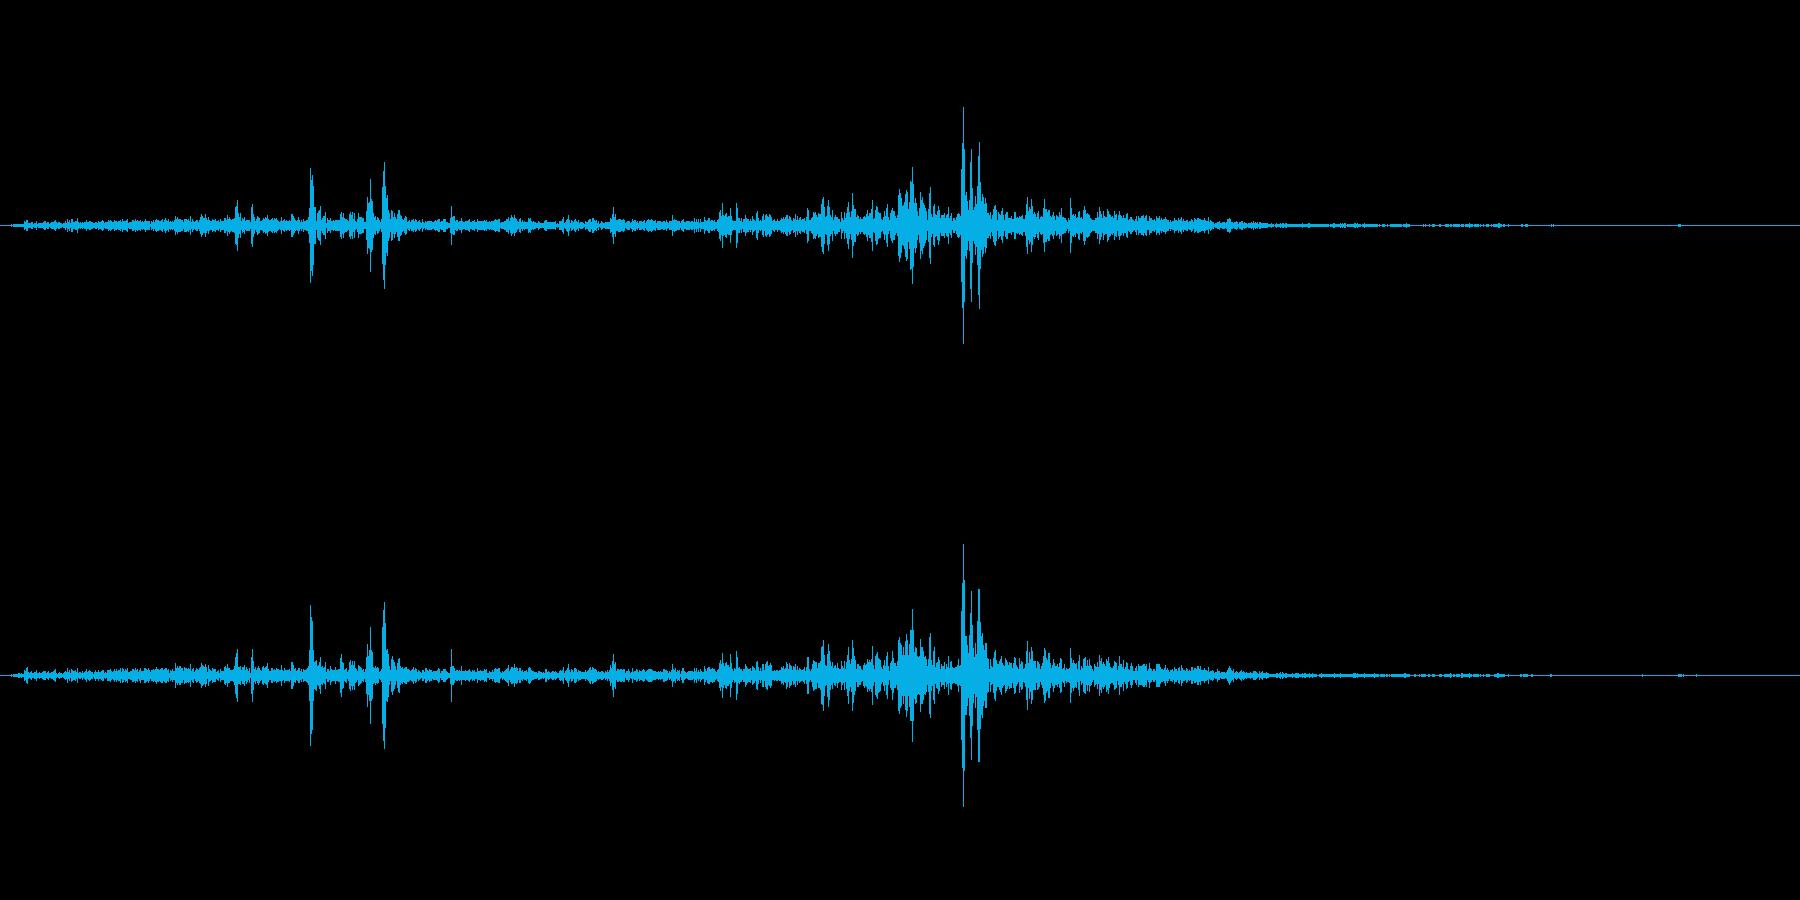 梨(りんご)をかじる音の再生済みの波形